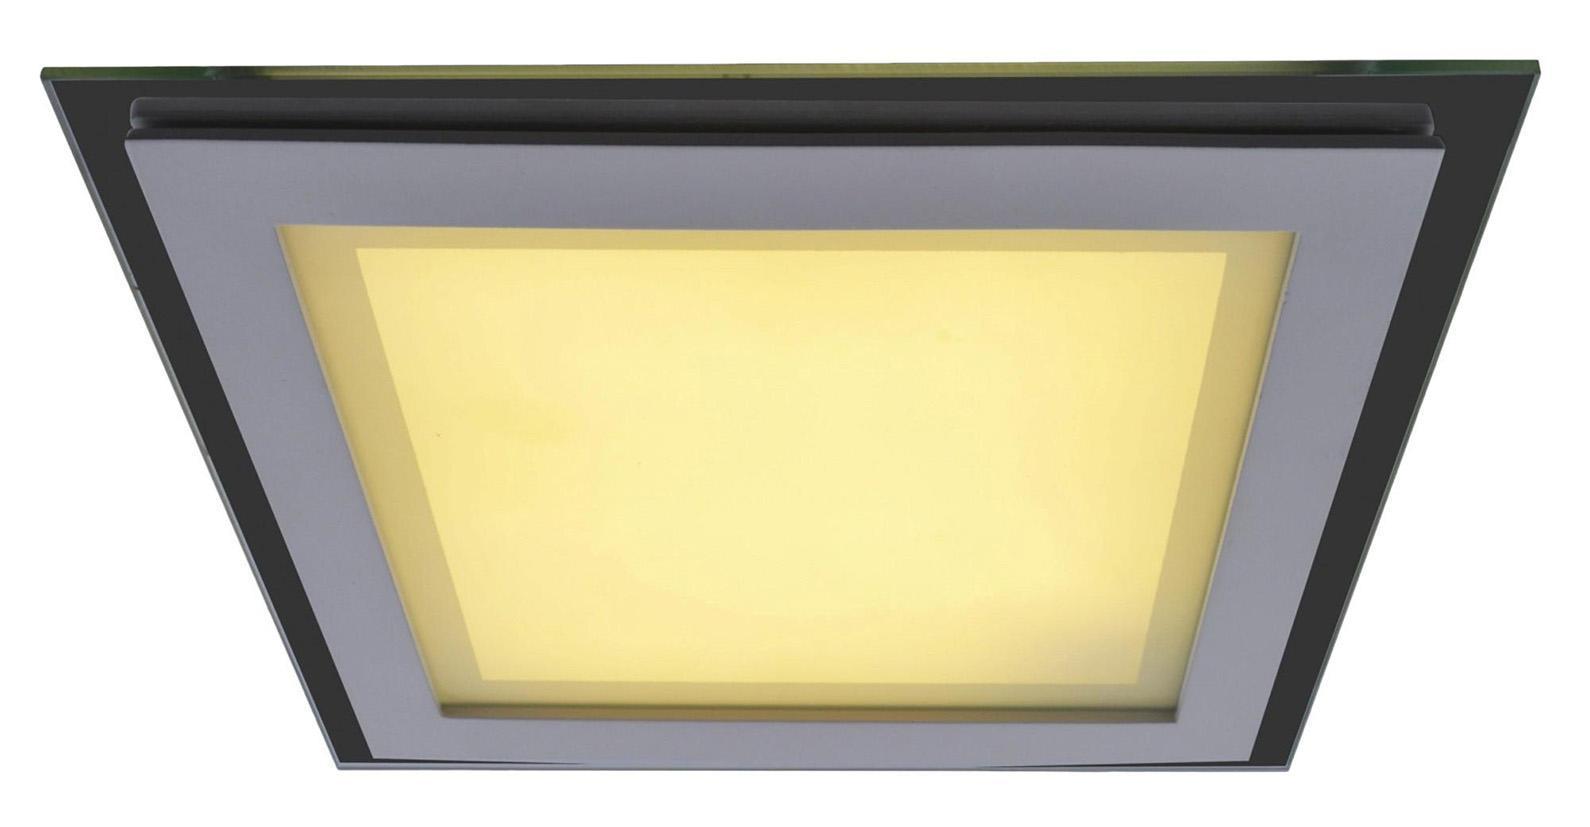 A4018PL-1WH RAGGIO Встраиваемый светильник arte lamp встраиваемый светильник arte lamp raggio a4018pl 1wh